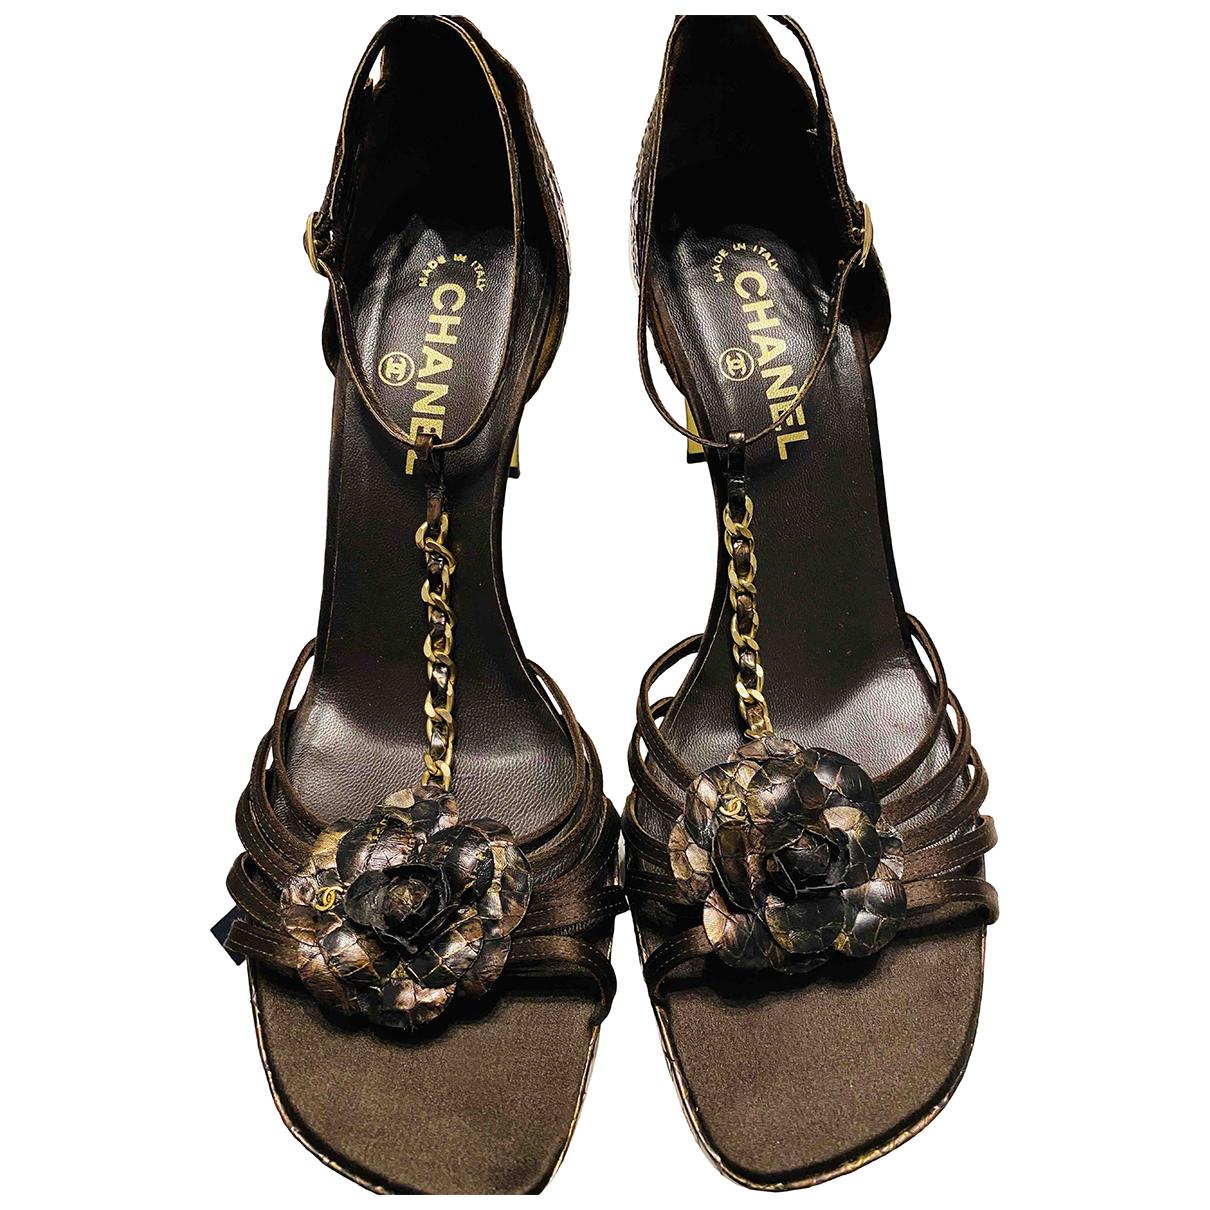 Sandalias de Piton Chanel